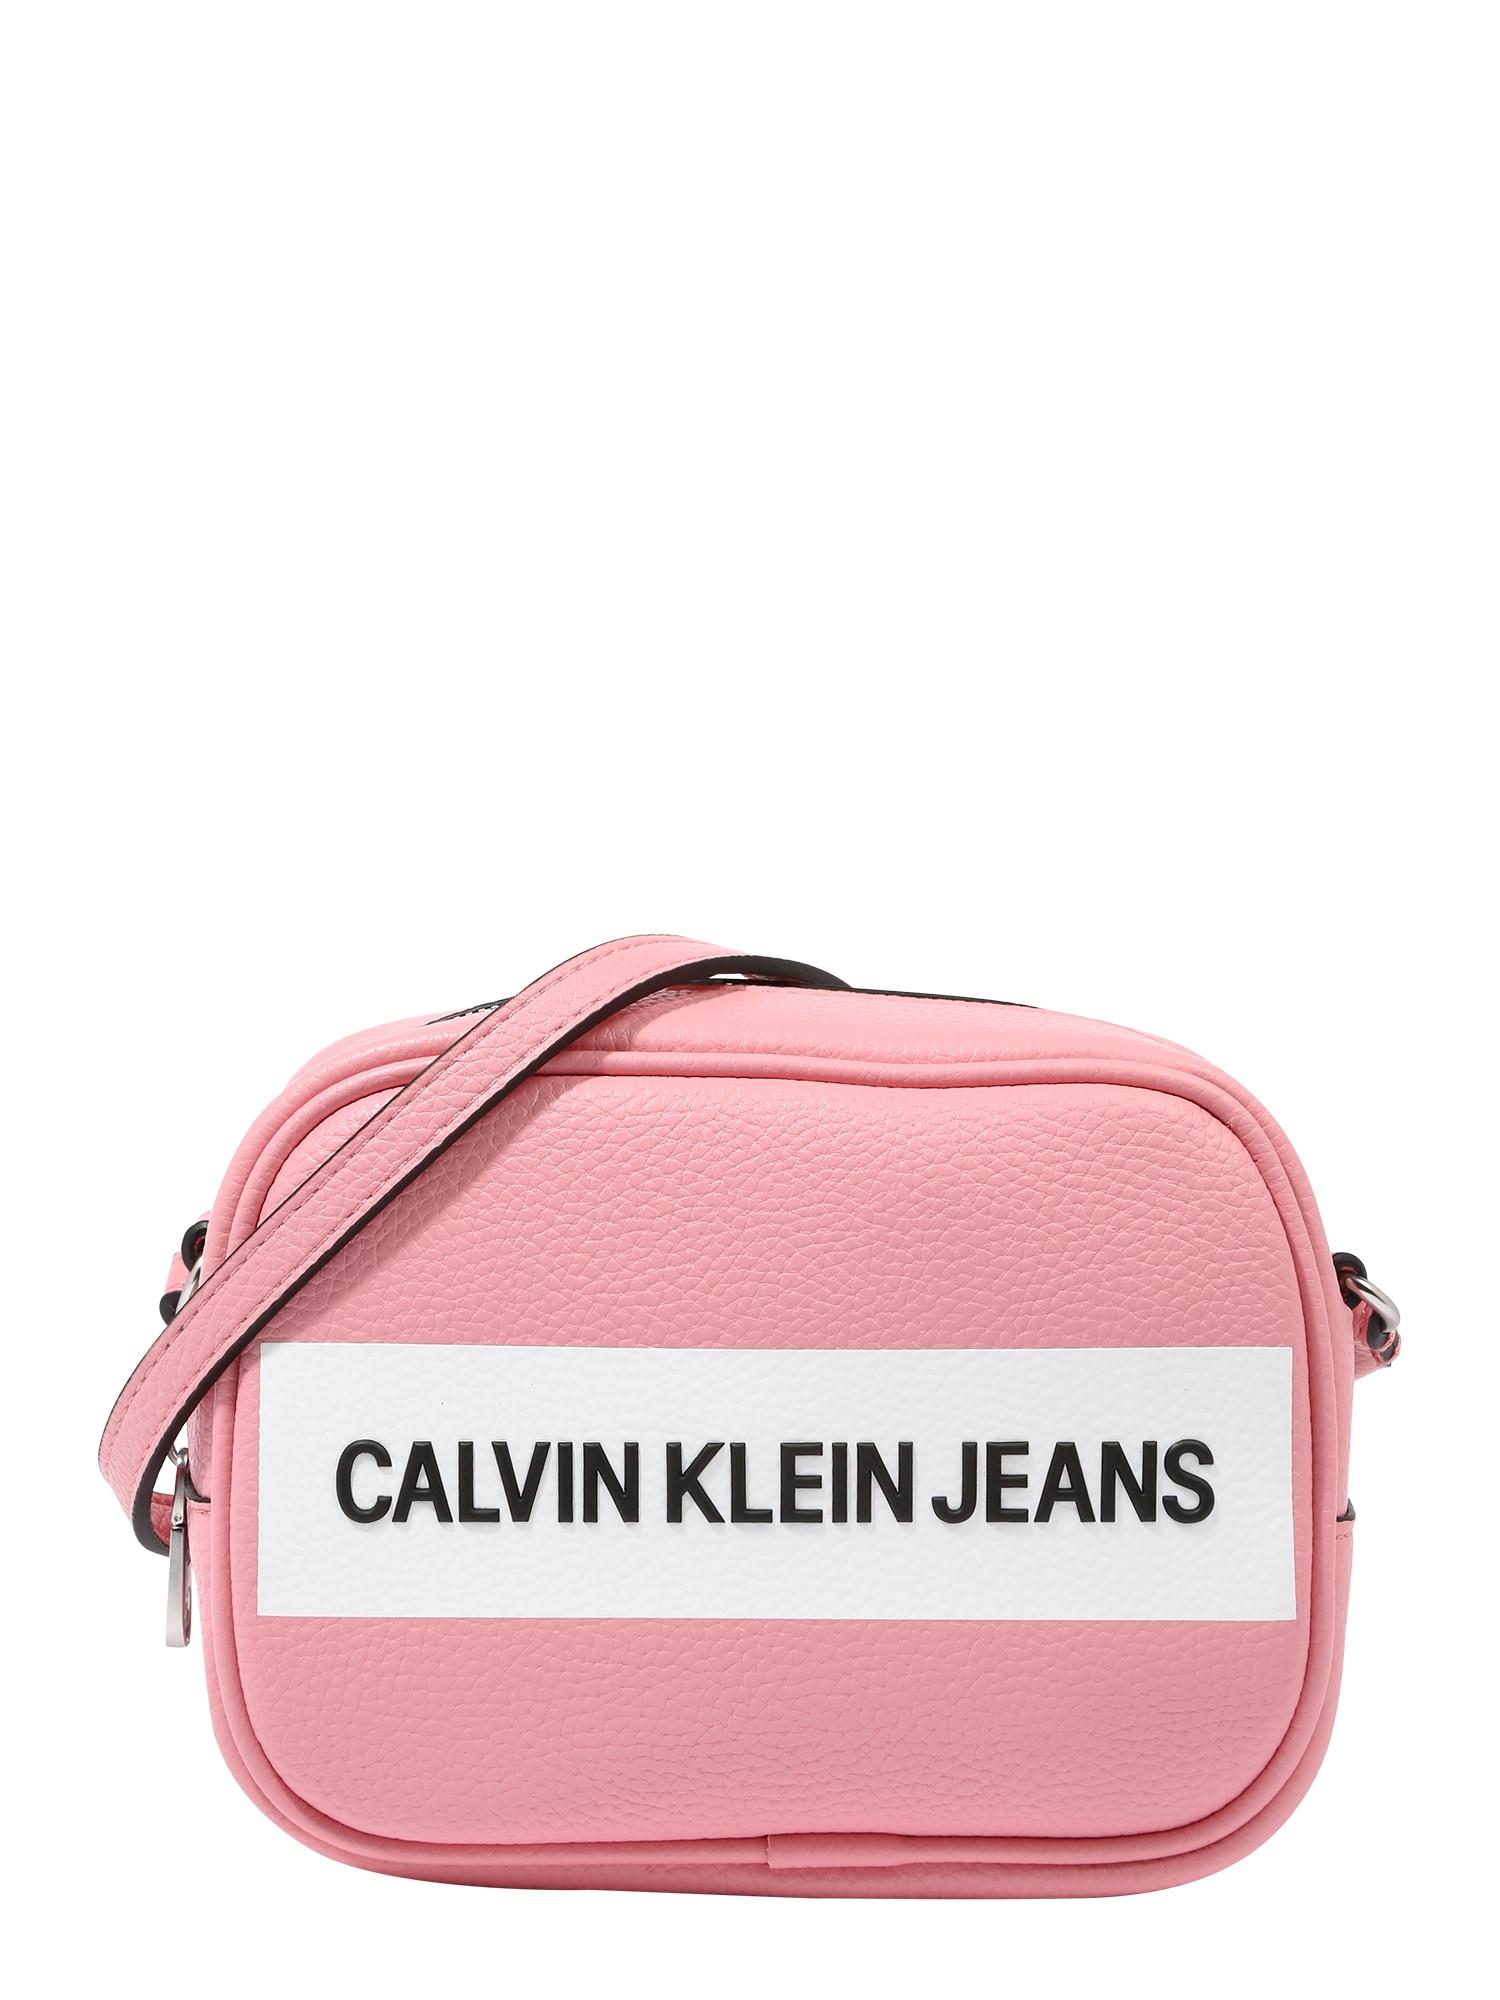 Calvin Klein Jeans Rankinė su ilgu dirželiu balta / juoda / rožių spalva